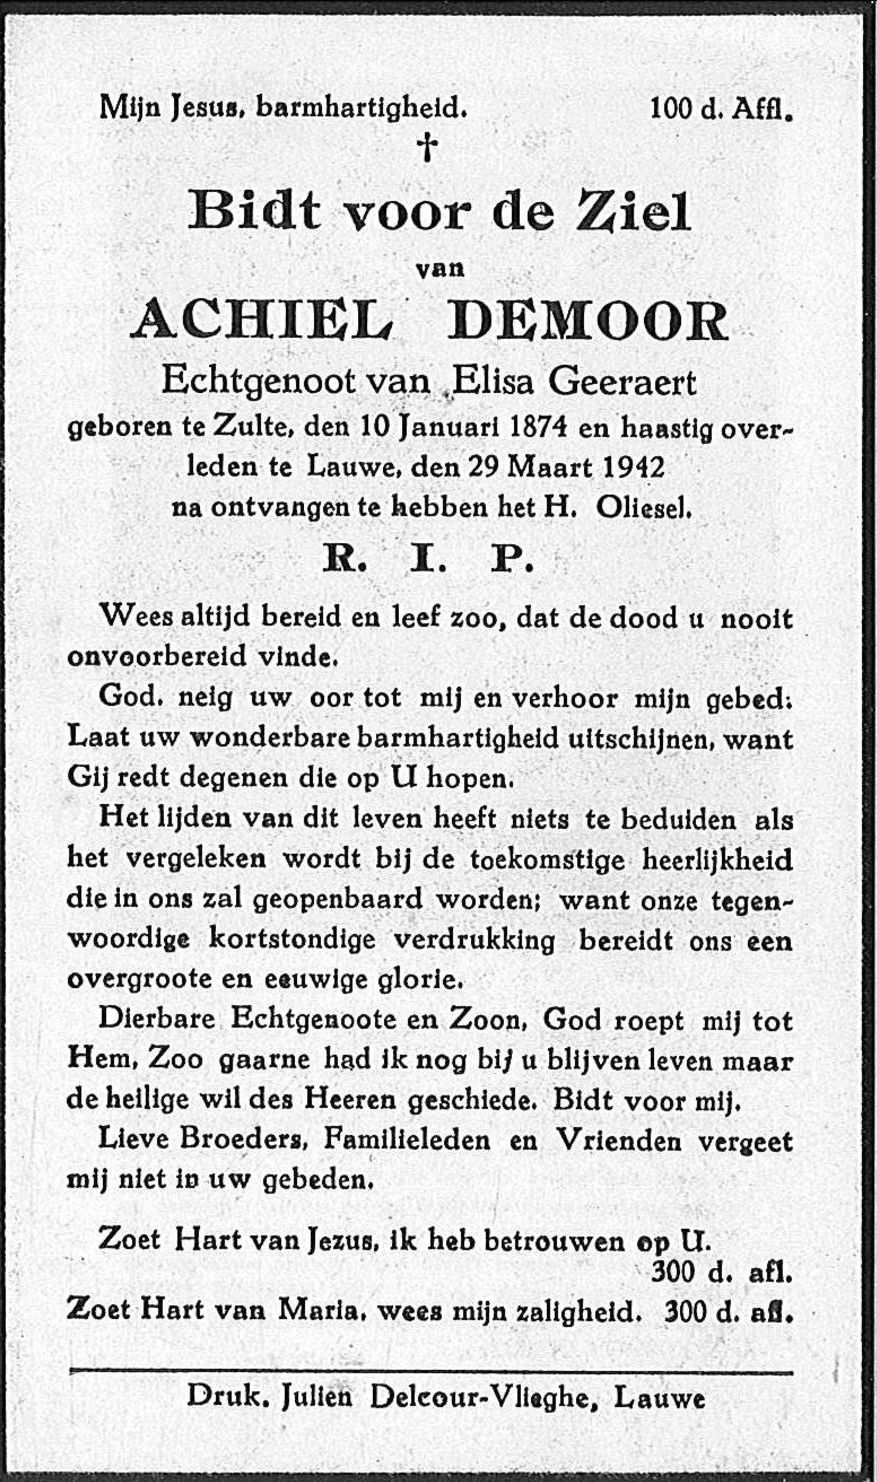 Achiel Demoor